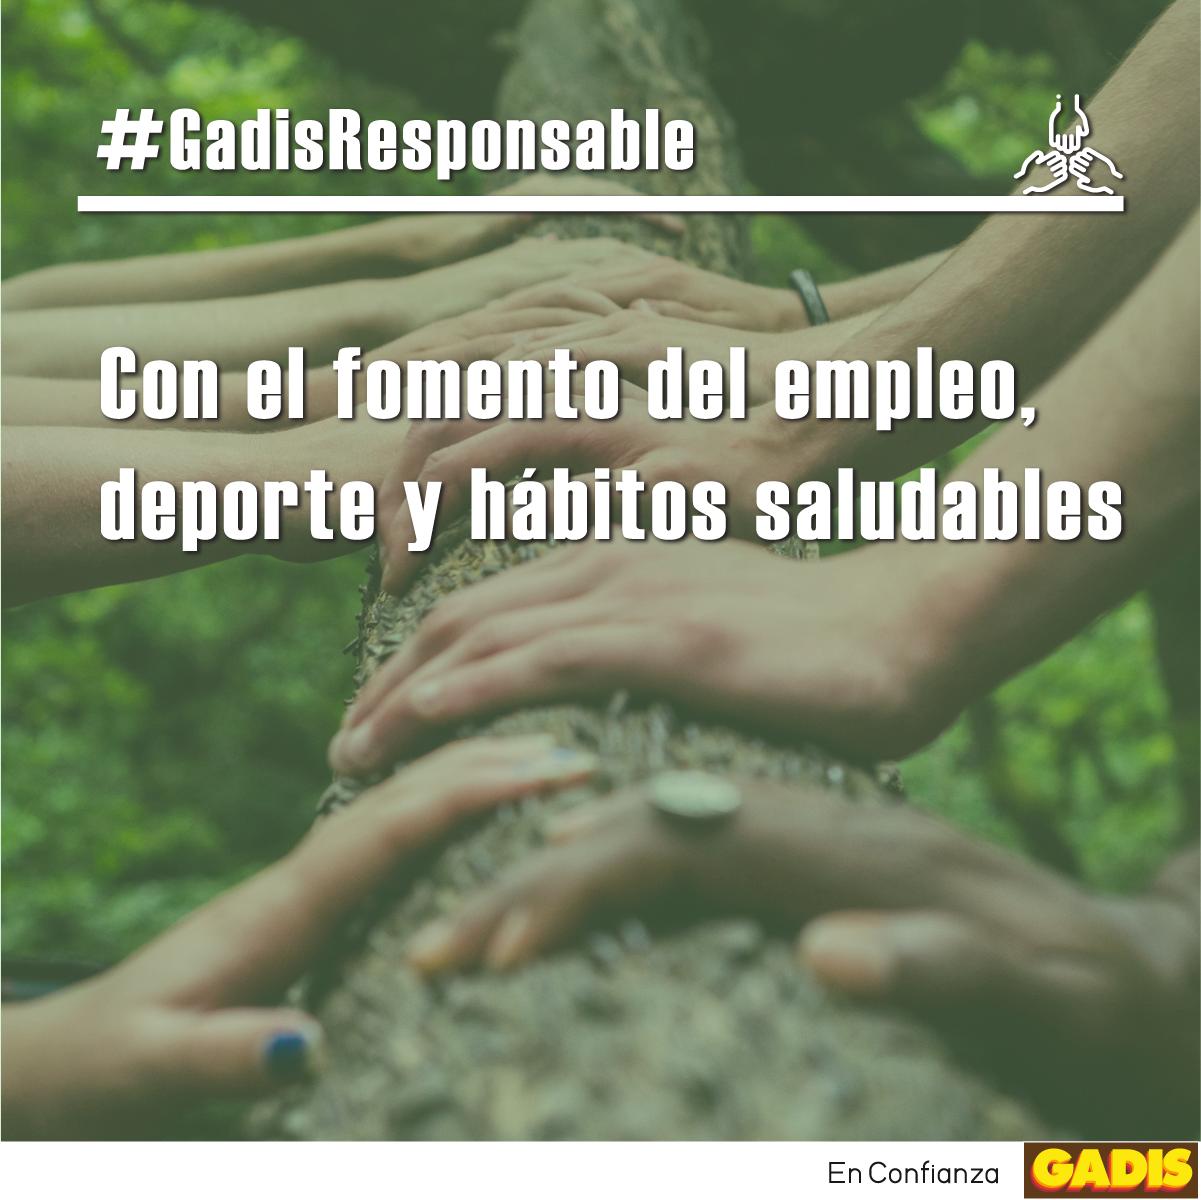 #GadisResponsable: con el fomento del empleo, deporte y hábitos saludables